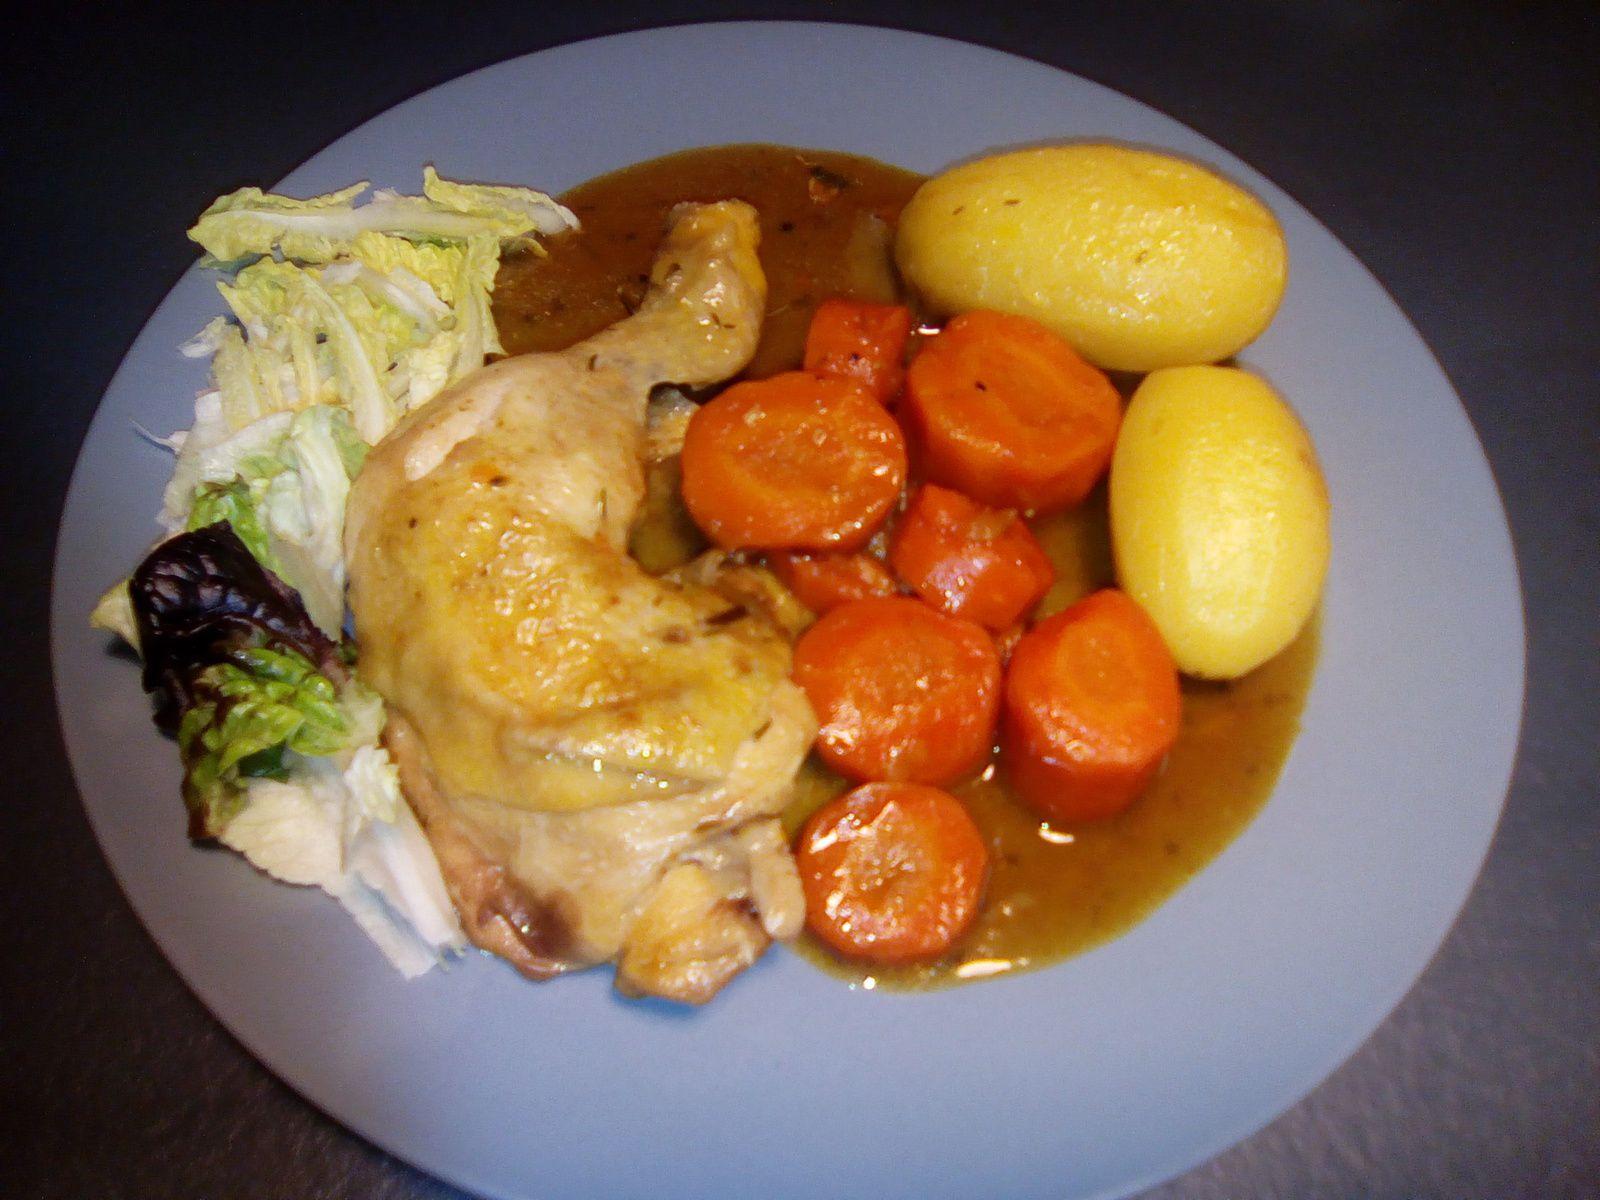 cuisses de poulet carottes et pommes